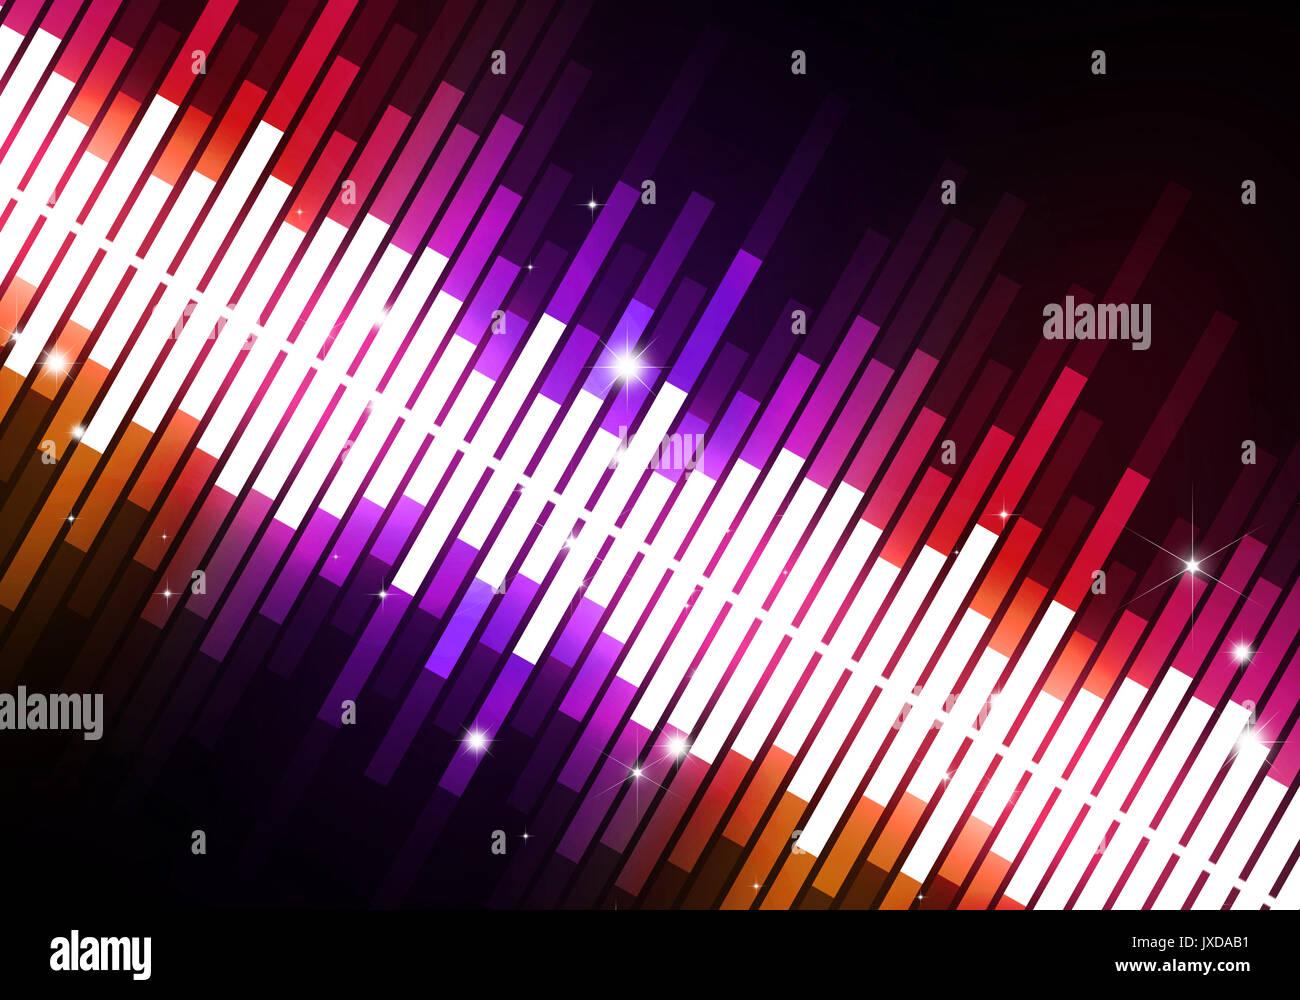 abstrakte multicolor Equalizer Hintergrundmusik für Party-events Stockbild